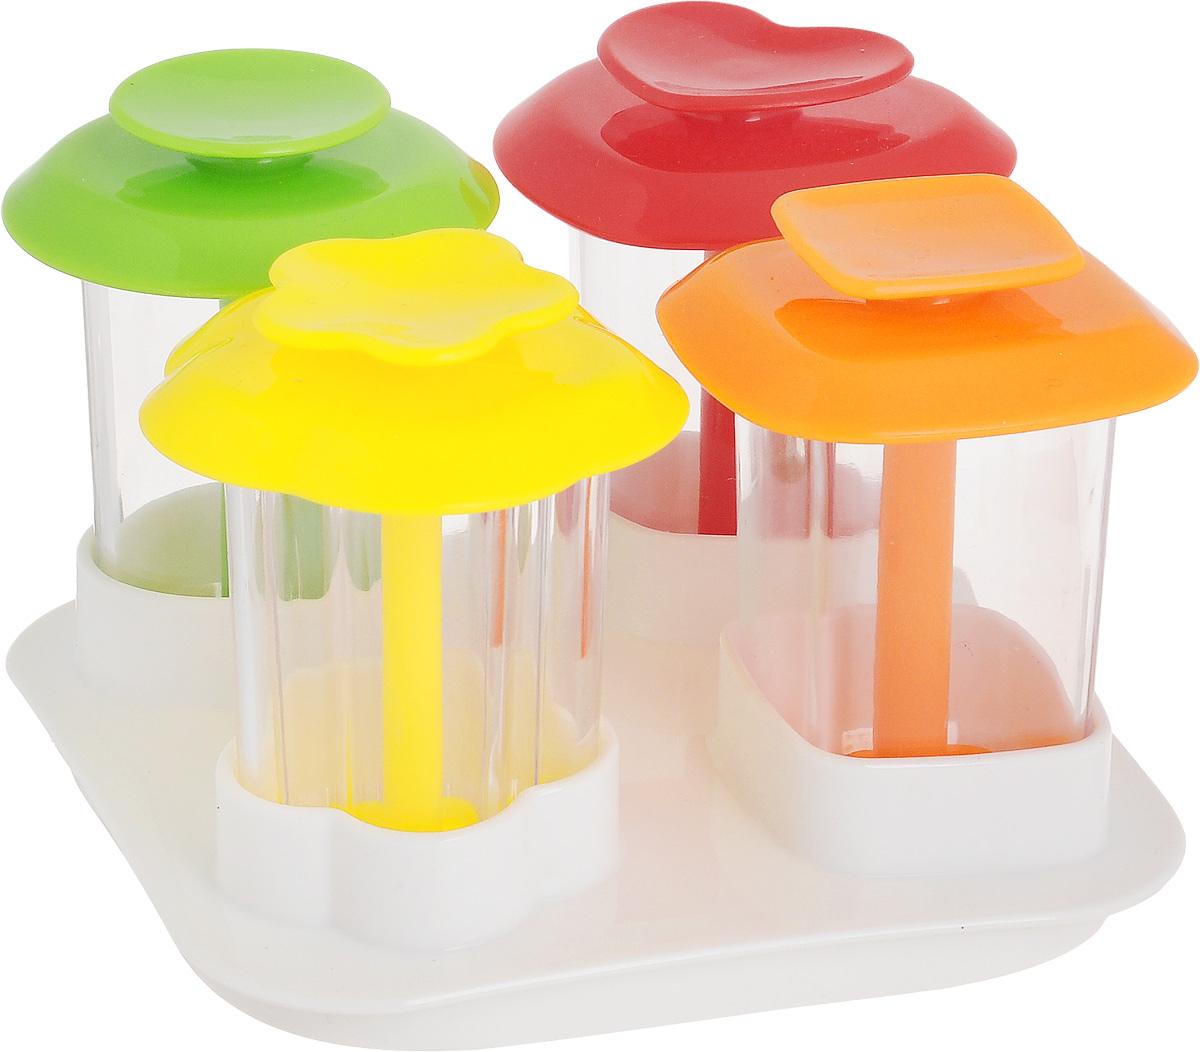 Форма для канапе Tescoma Presto Foodstyle, с крышкой-подставкой, 4 шт422240Набор форм для канапе Tescoma Presto Foodstyle, изготовленный из прочного пластика, отлично подходит для придания формы блюдам и легкого приготовления слоистых гарниров, десертов. В комплект входит универсальная крышка для хранения. Можно мыть в посудомоечной машине. Инструкция по применению с рецептами прилагается внутри.Размер формы в виде сердца: 5,5 х 5 х 6,5 см.Размер формы в виде цветка: 5,5 х 5,5 х 6,5 см.Размер круглой формы: 5 х 5 х 6,5 см.Размер квадратной формы: 5 х 5 х 6,5 см.Размер крышки-подставки: 10 х 10 х 2,5 см.Средний размер канапе: 3,5 х 3,5 х 6 см.